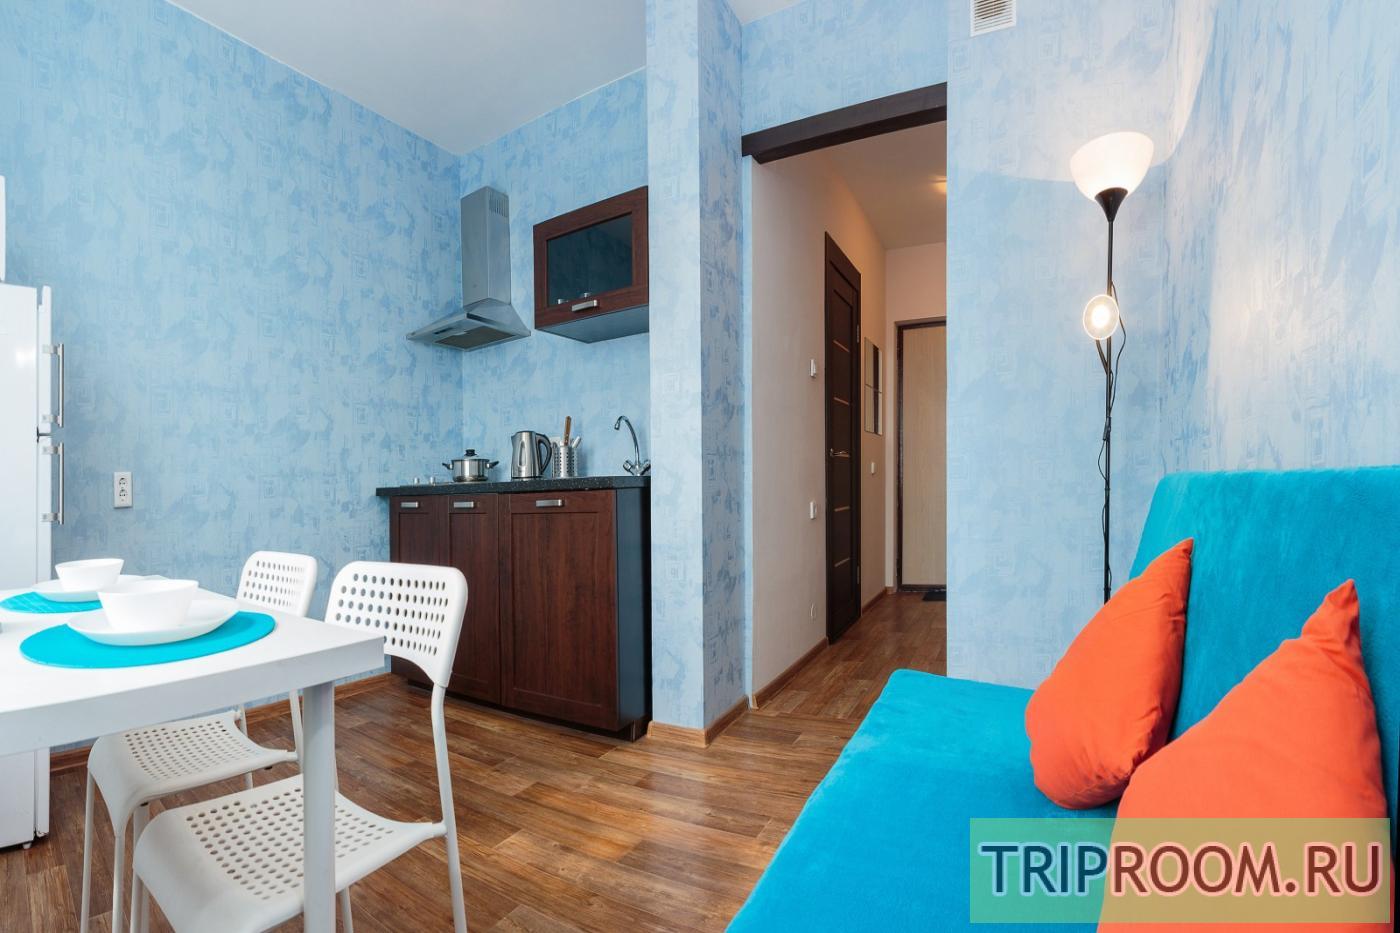 1-комнатная квартира посуточно (вариант № 16235), ул. Анатолия Мехренцева улица, фото № 6